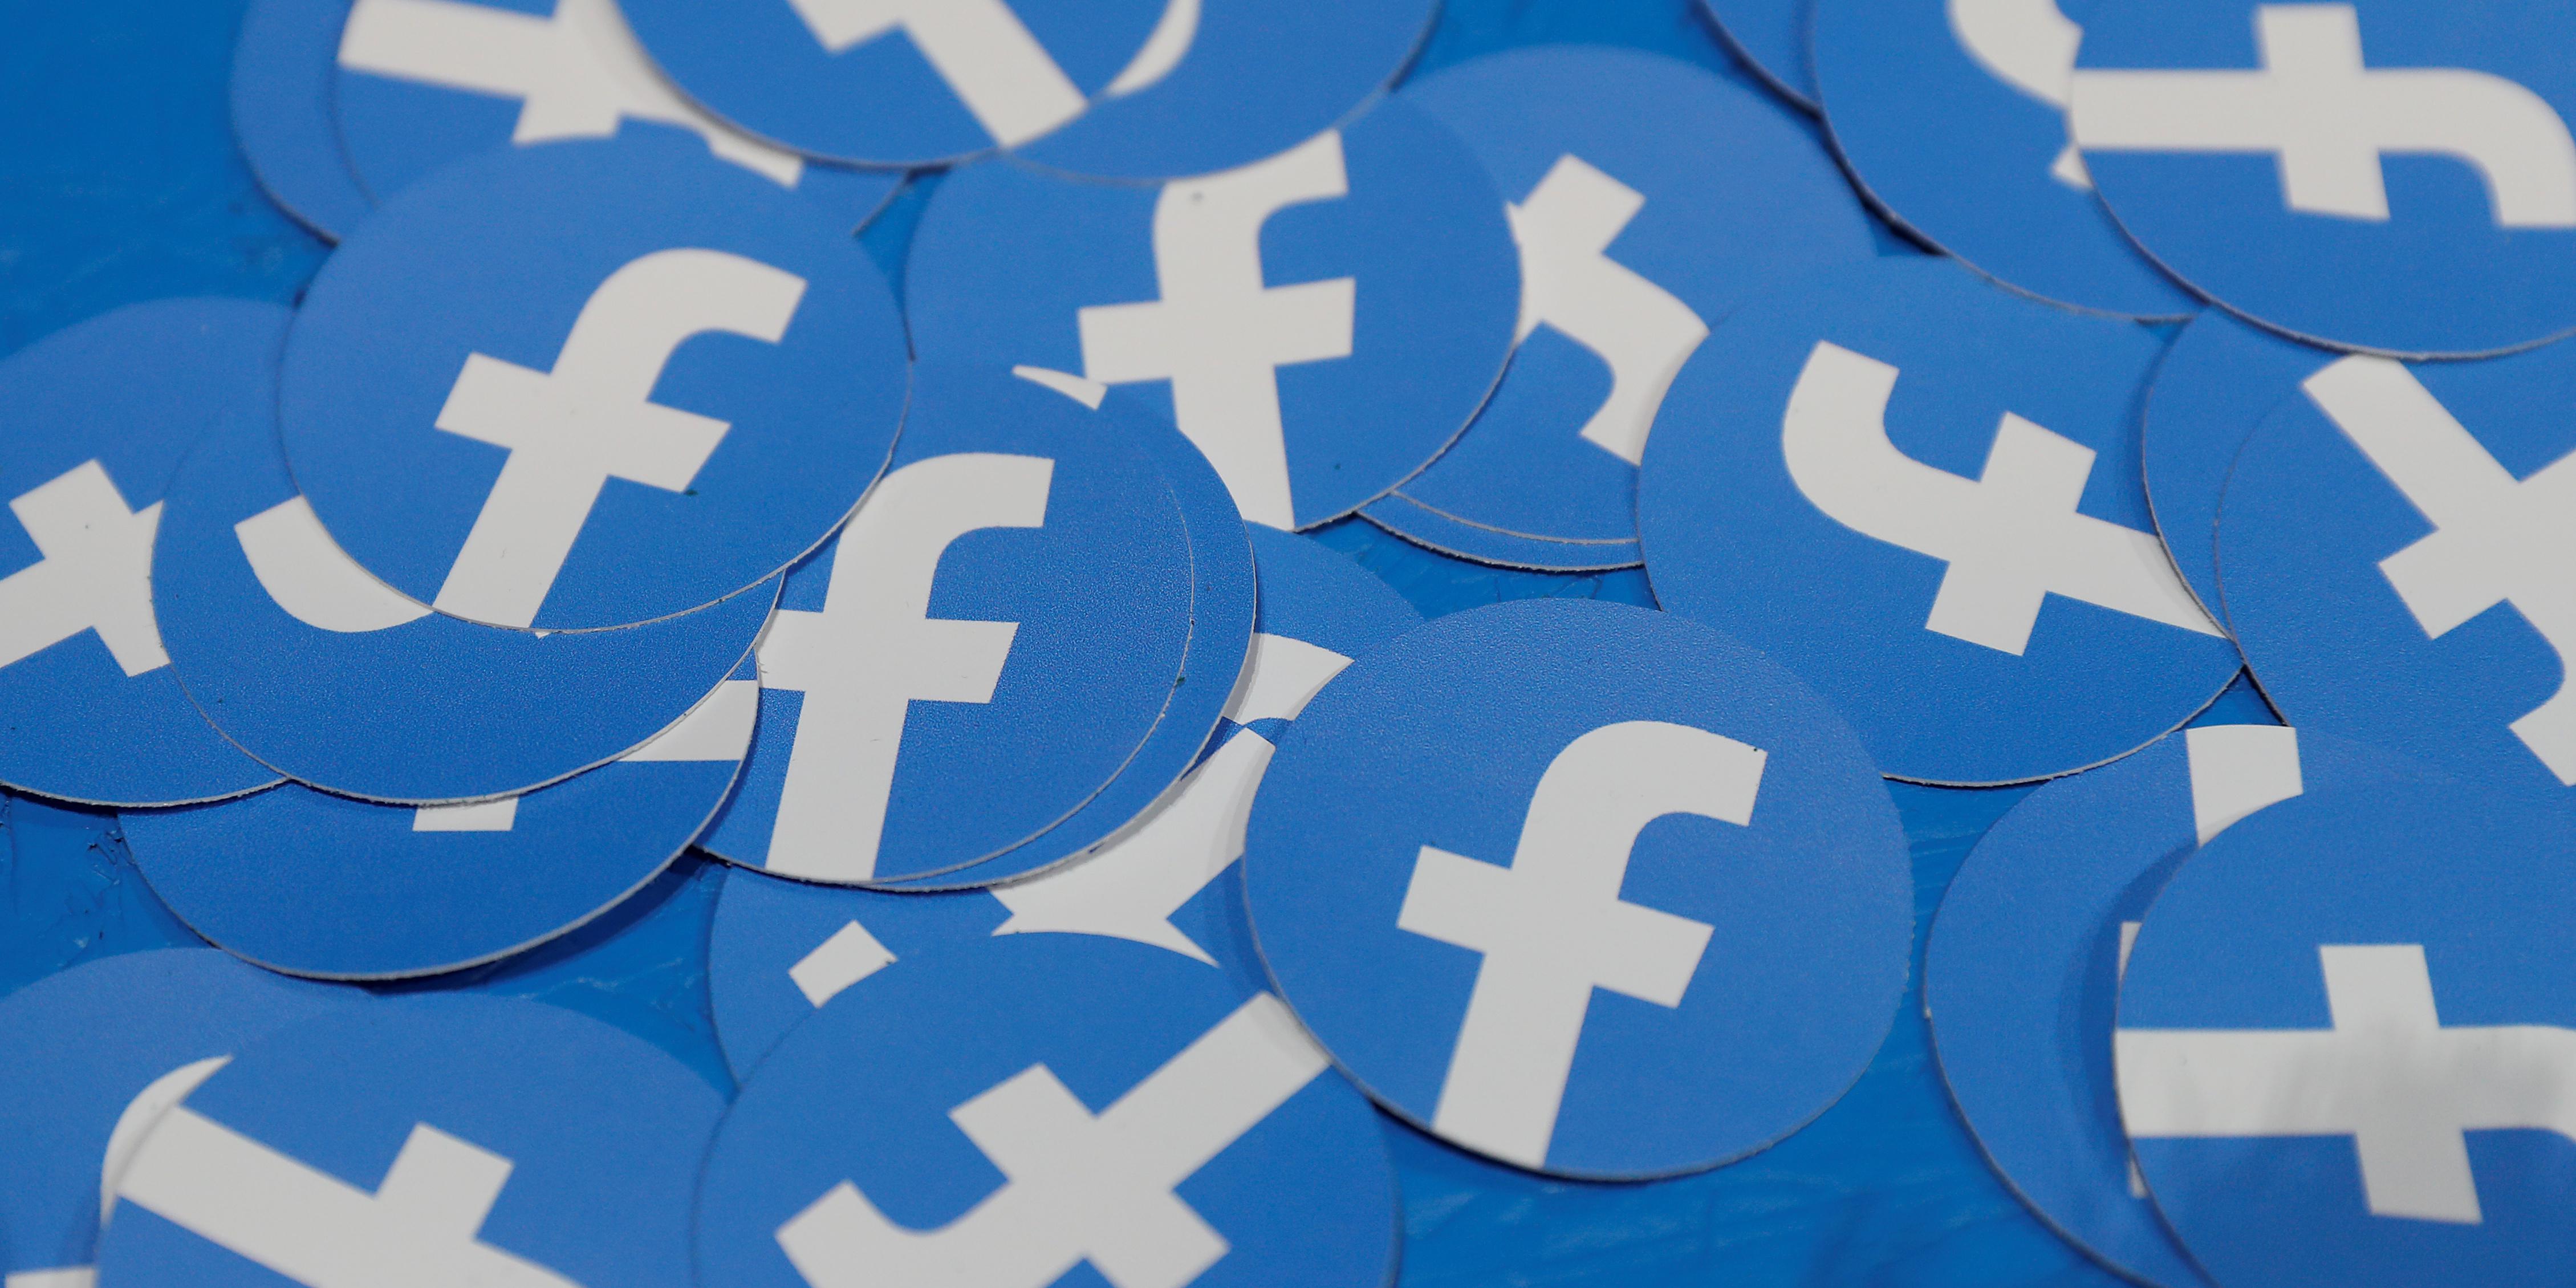 Le confinement est-il une aubaine pour les réseaux sociaux ?